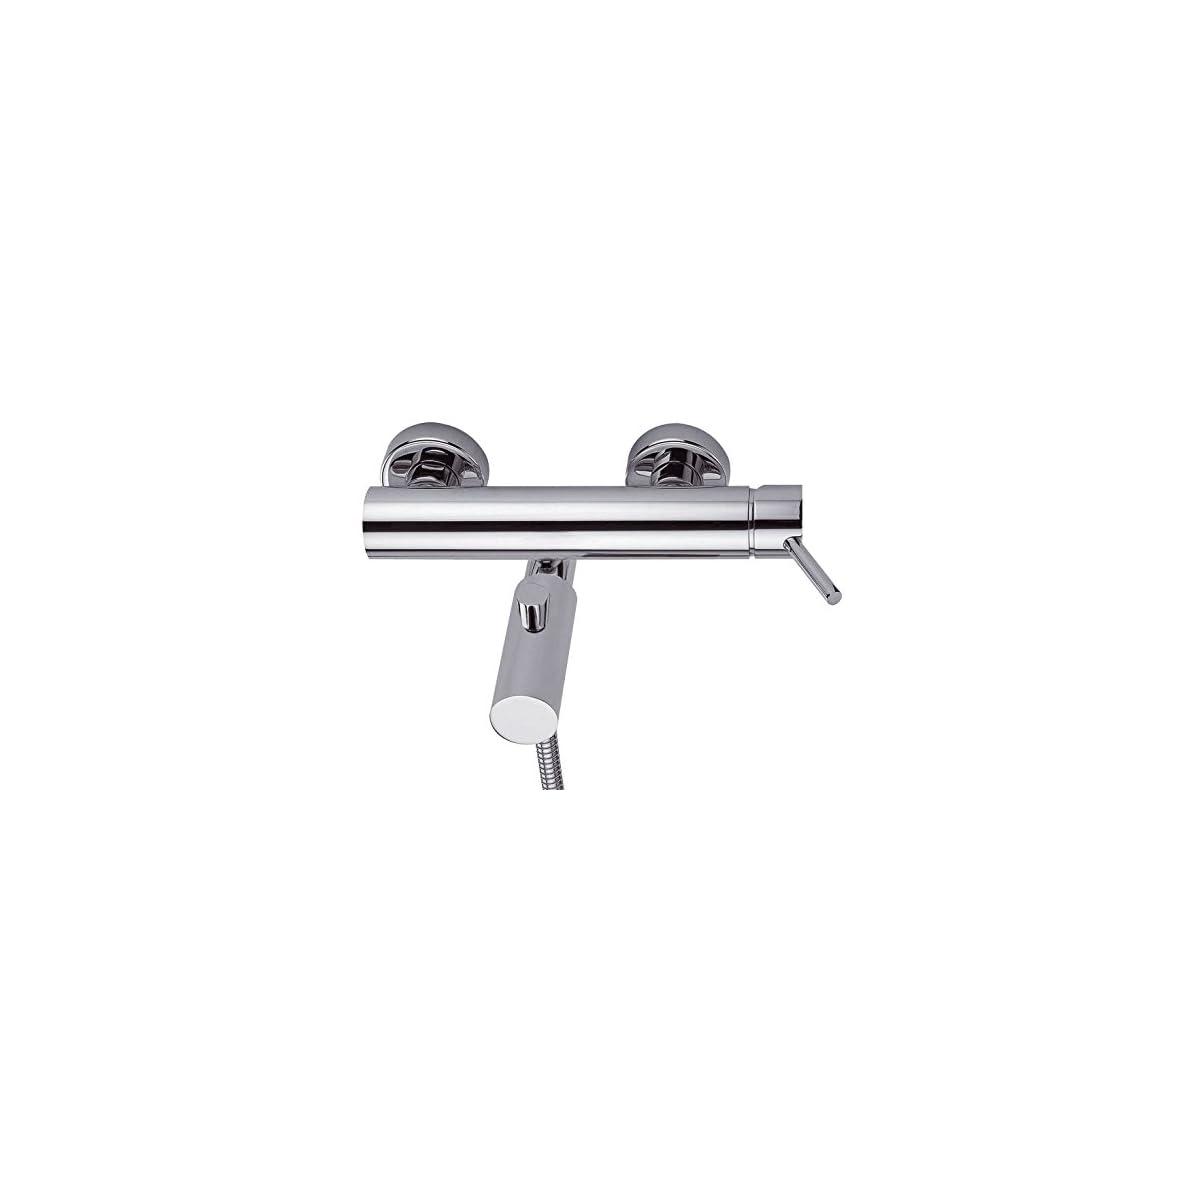 41xtlHv2gSL. SS1200  - Clever 93512 Grifo de baño/ducha (cromo)